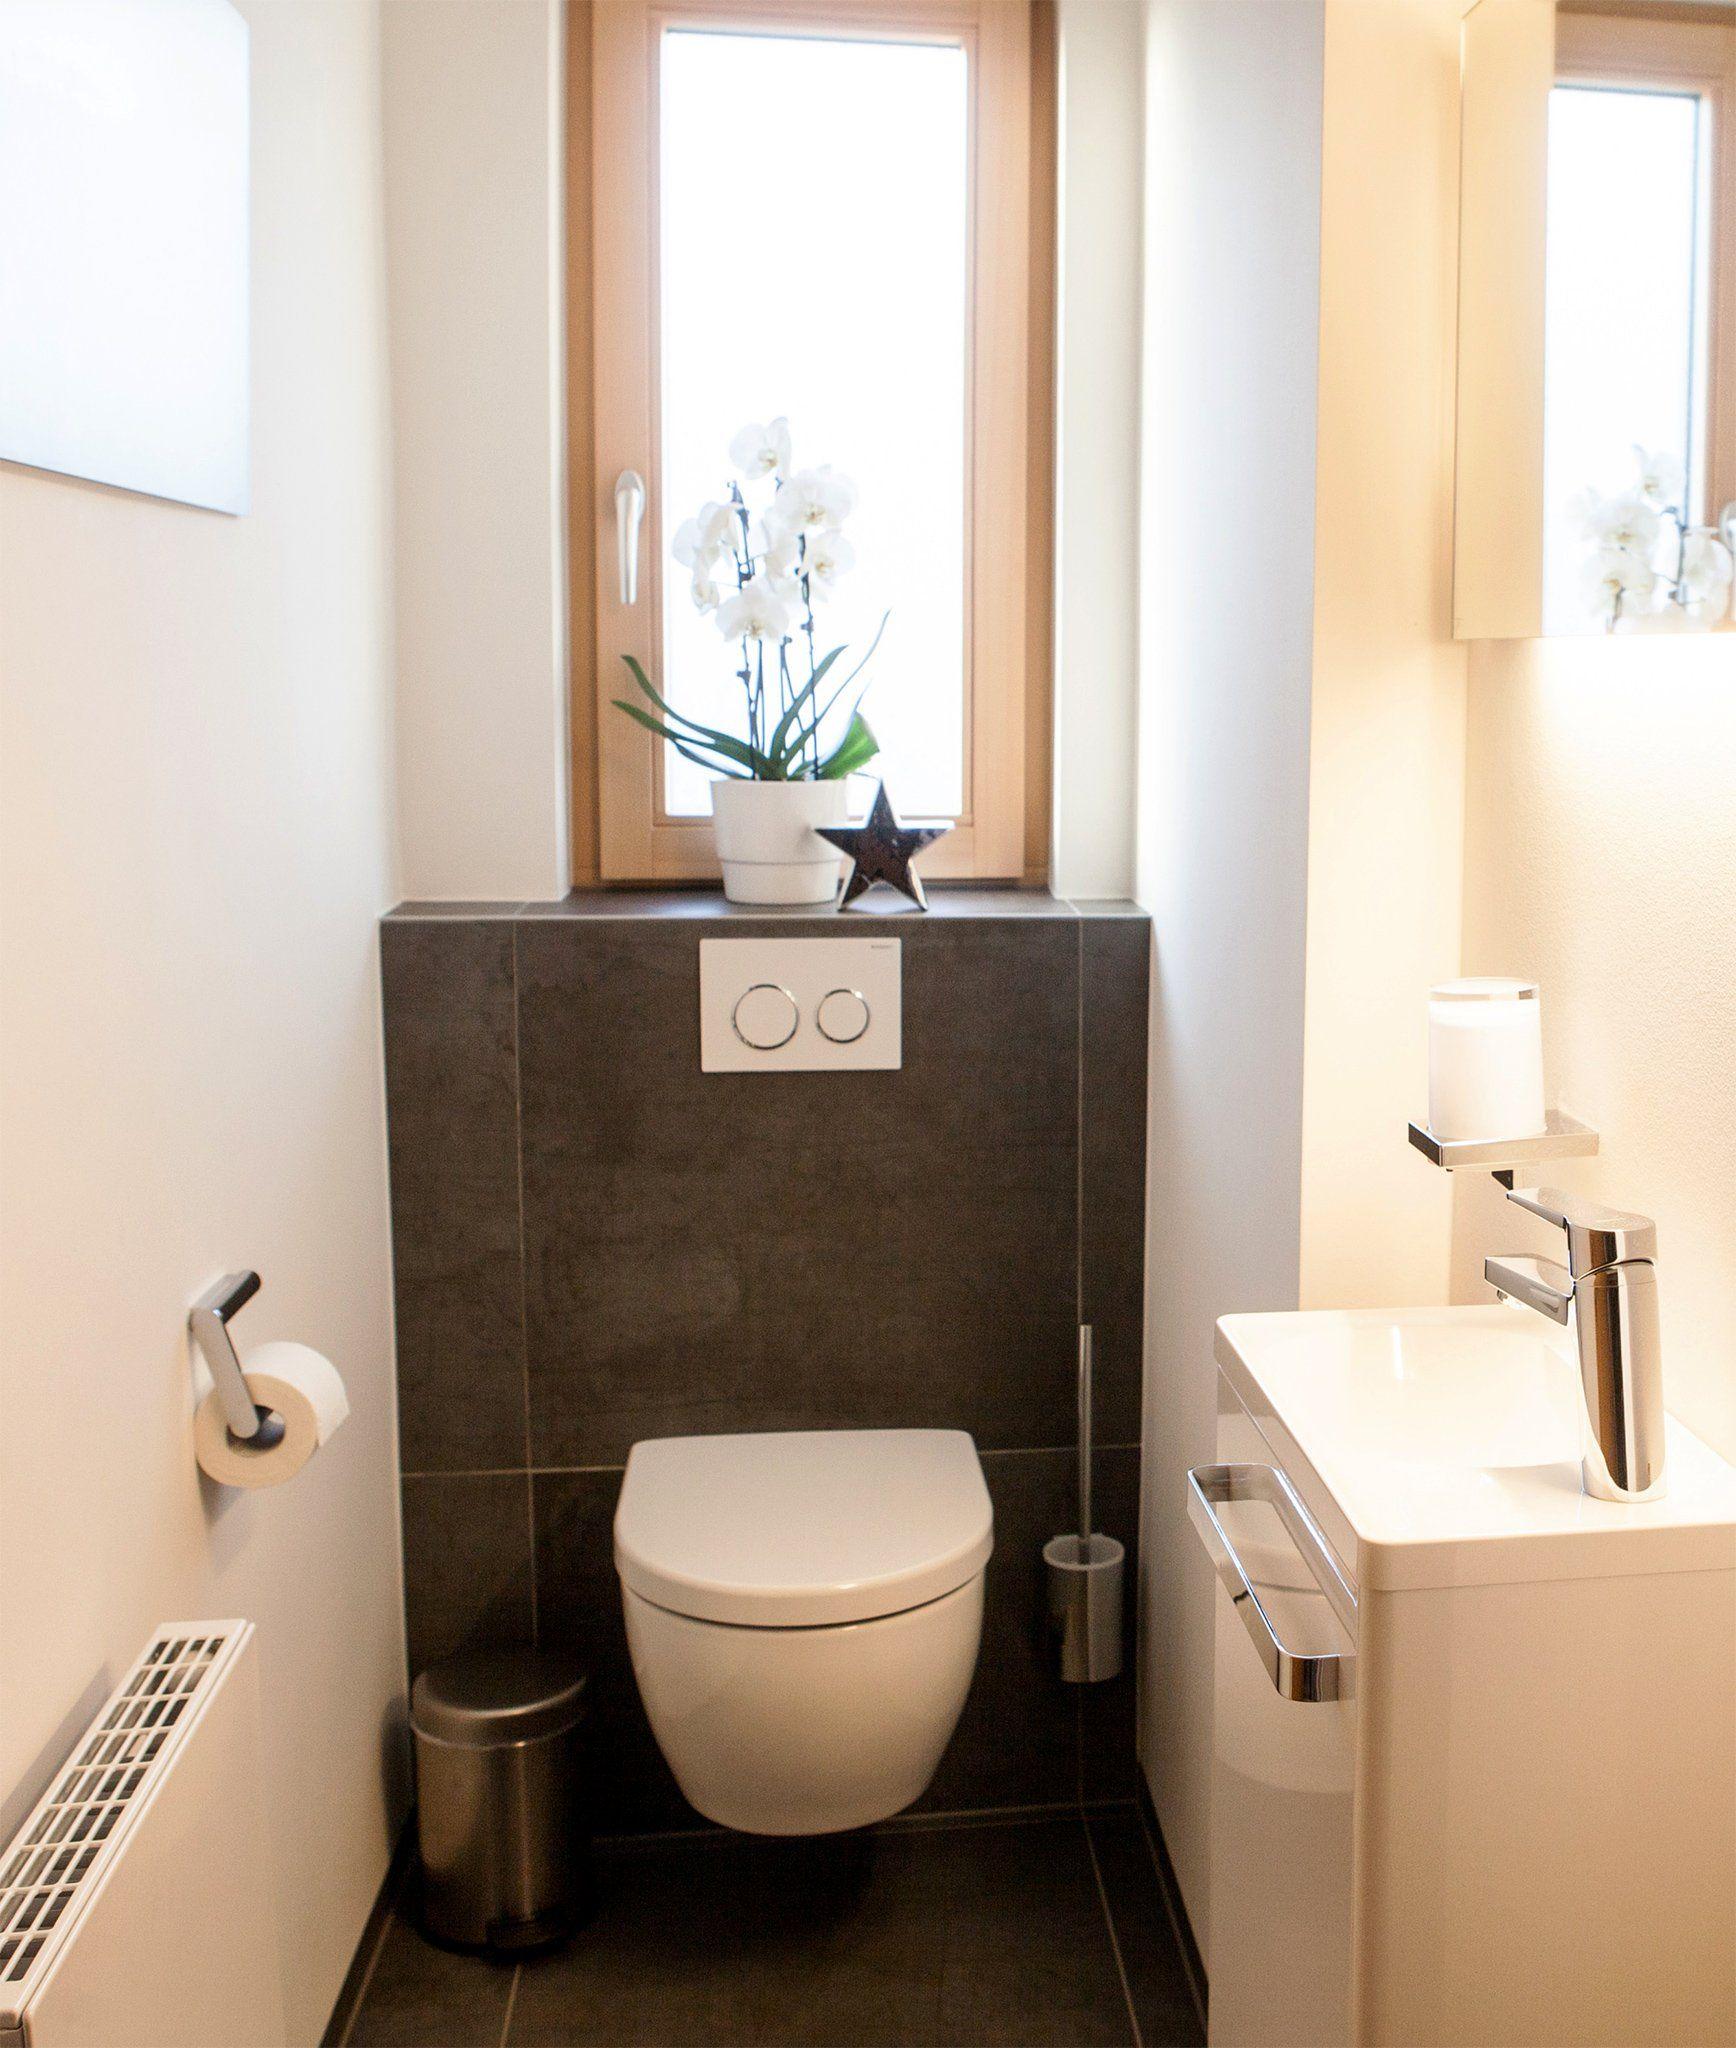 Gästetoilette bildergebnis für gästetoilette schmal badezimmer